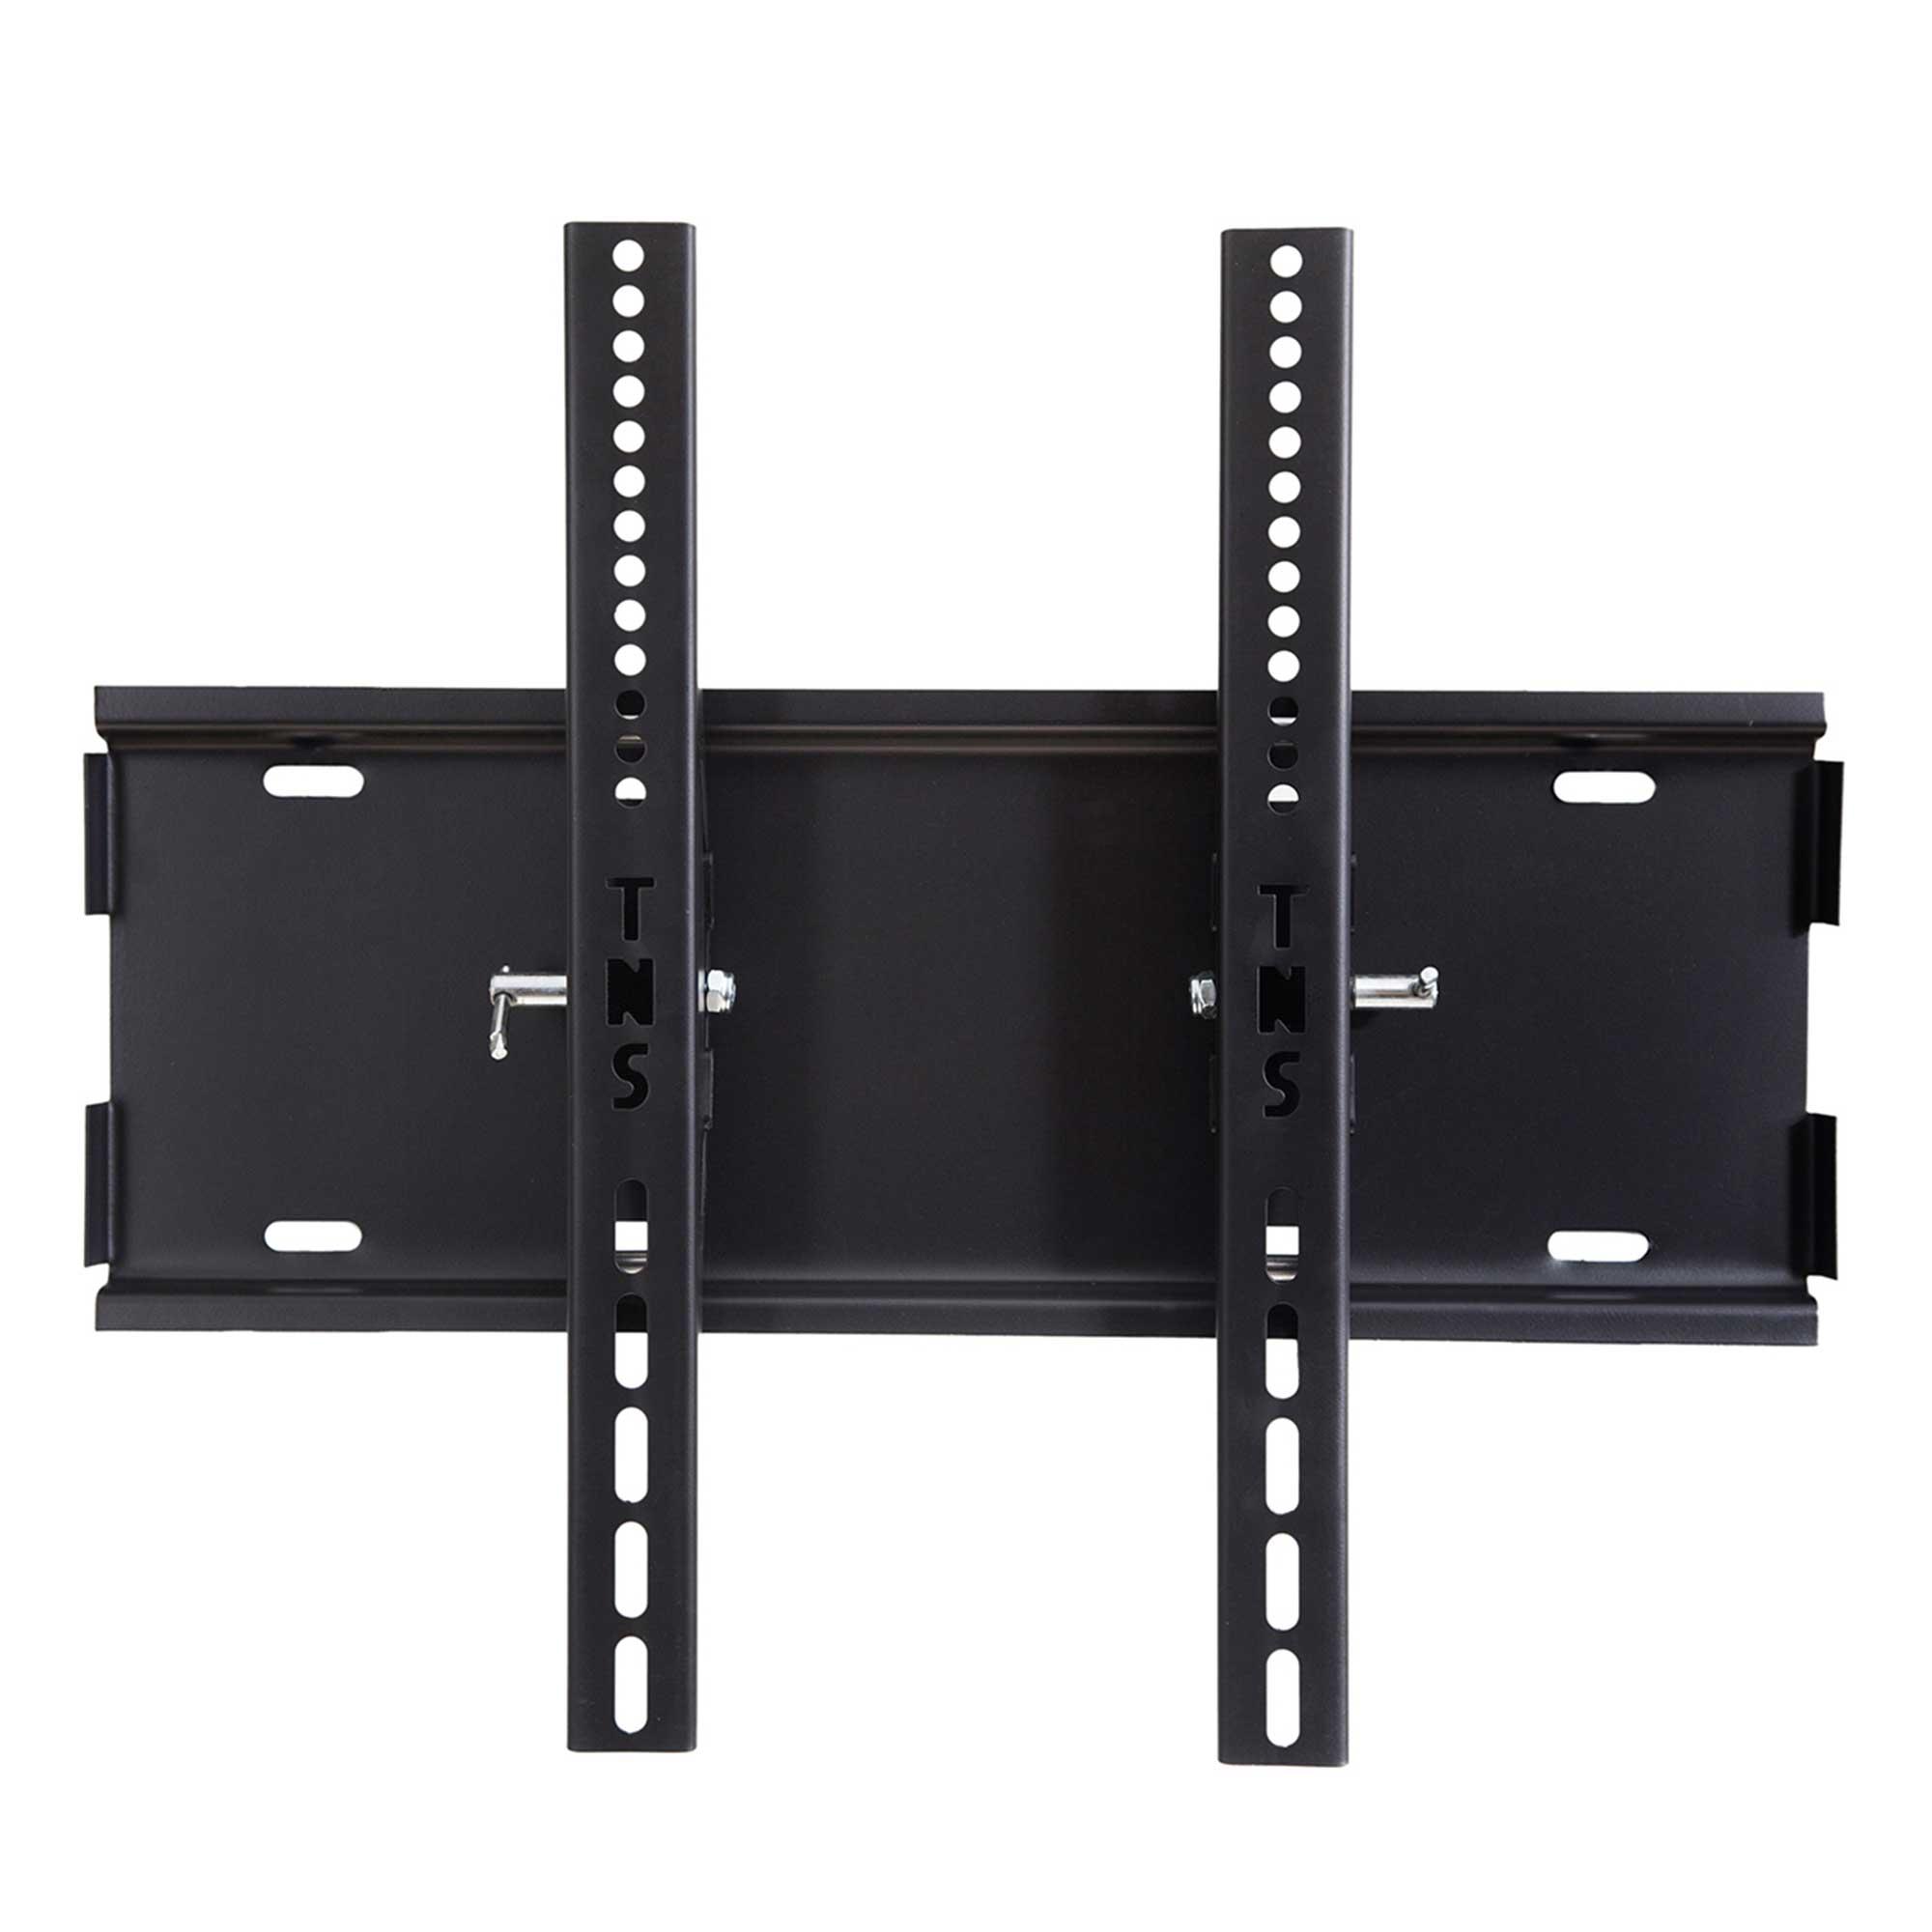 پایه دیواری TNS مدل BT WR 01  مناسب برای تلویزیون های 32 تا  50 اینچ